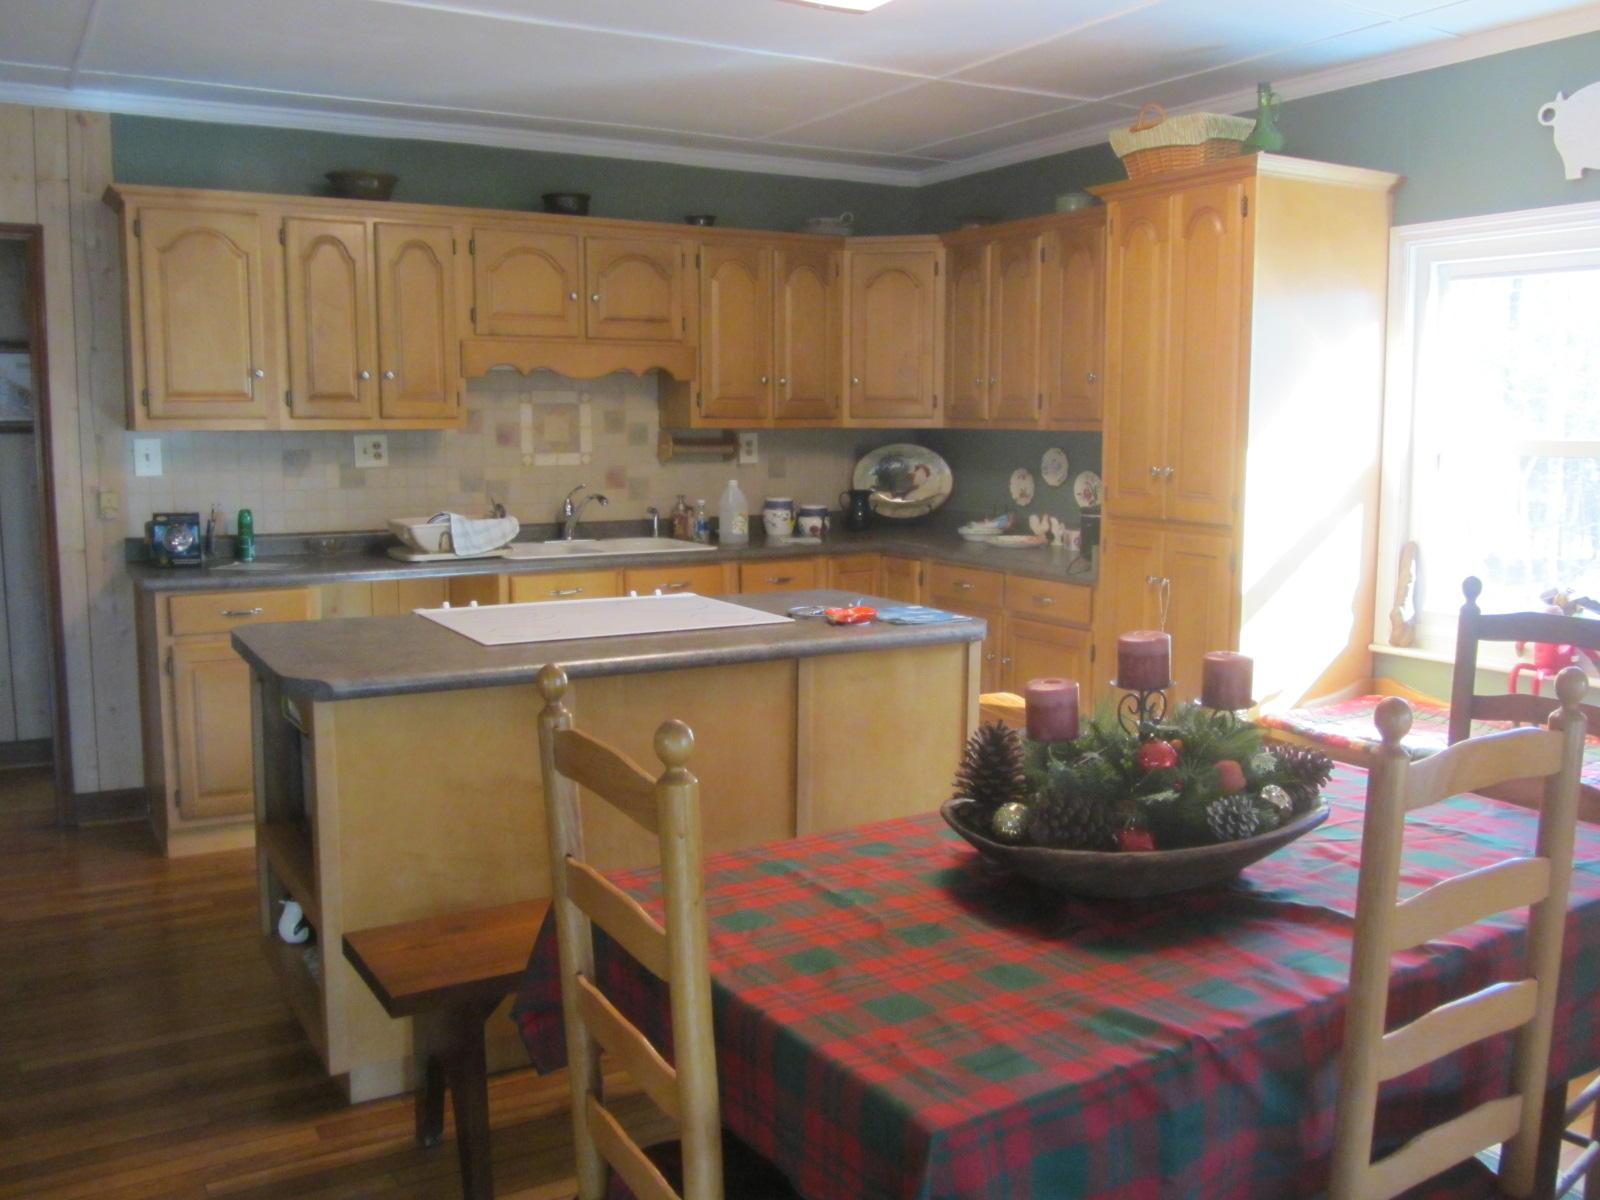 Edisto River Homes For Sale - 265 Blackwater, Round O, SC - 10